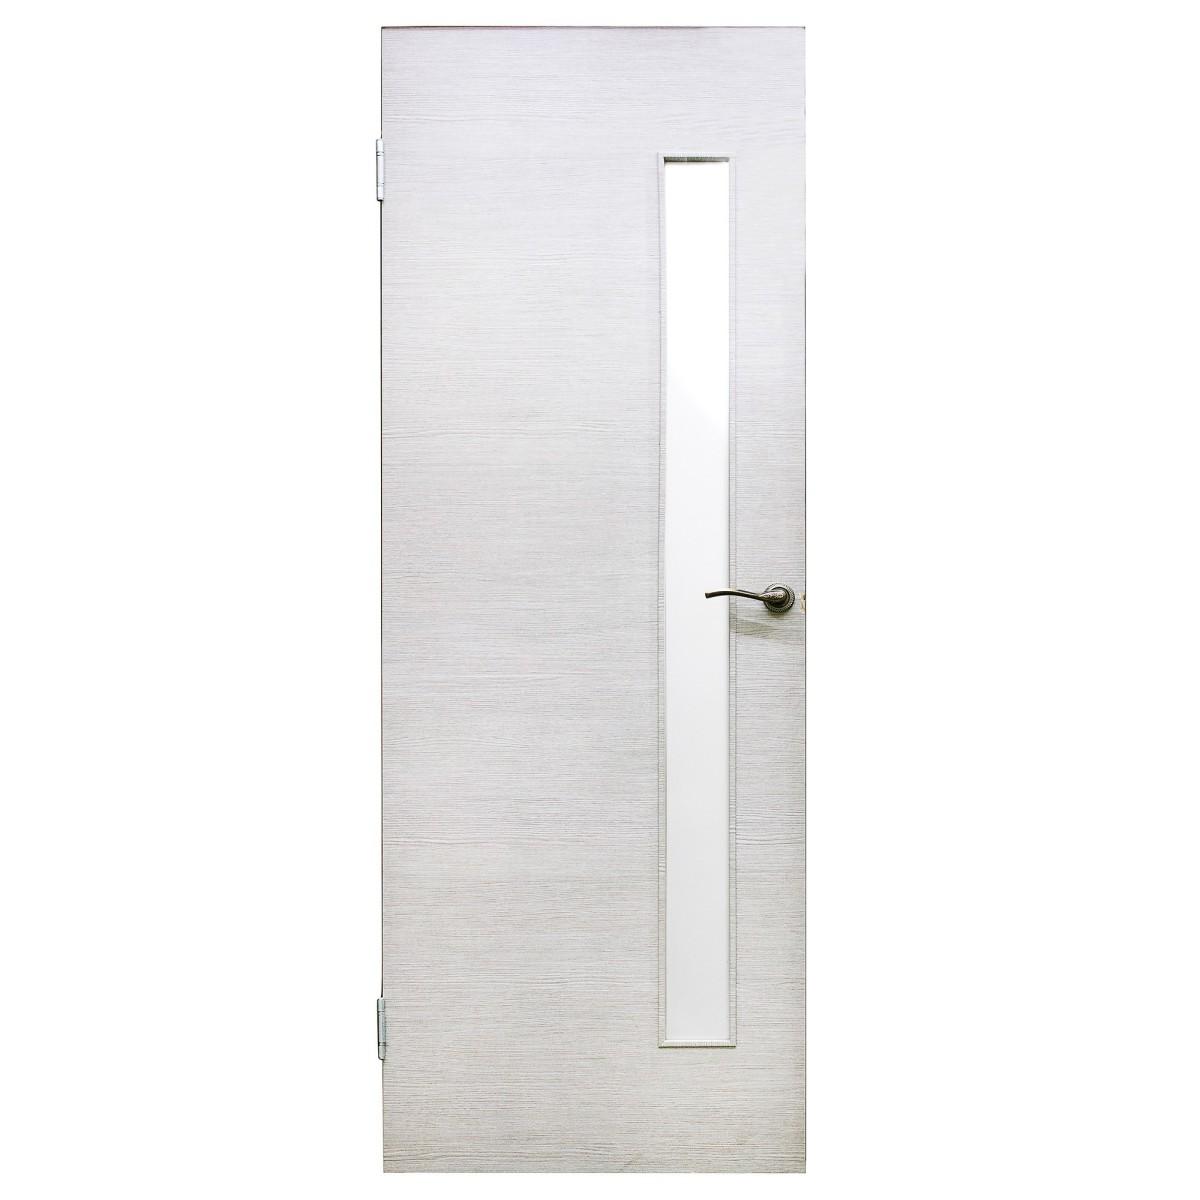 Дверь Межкомнатная Остеклённая Эклипс 60x200 Цвет Серый Дуб